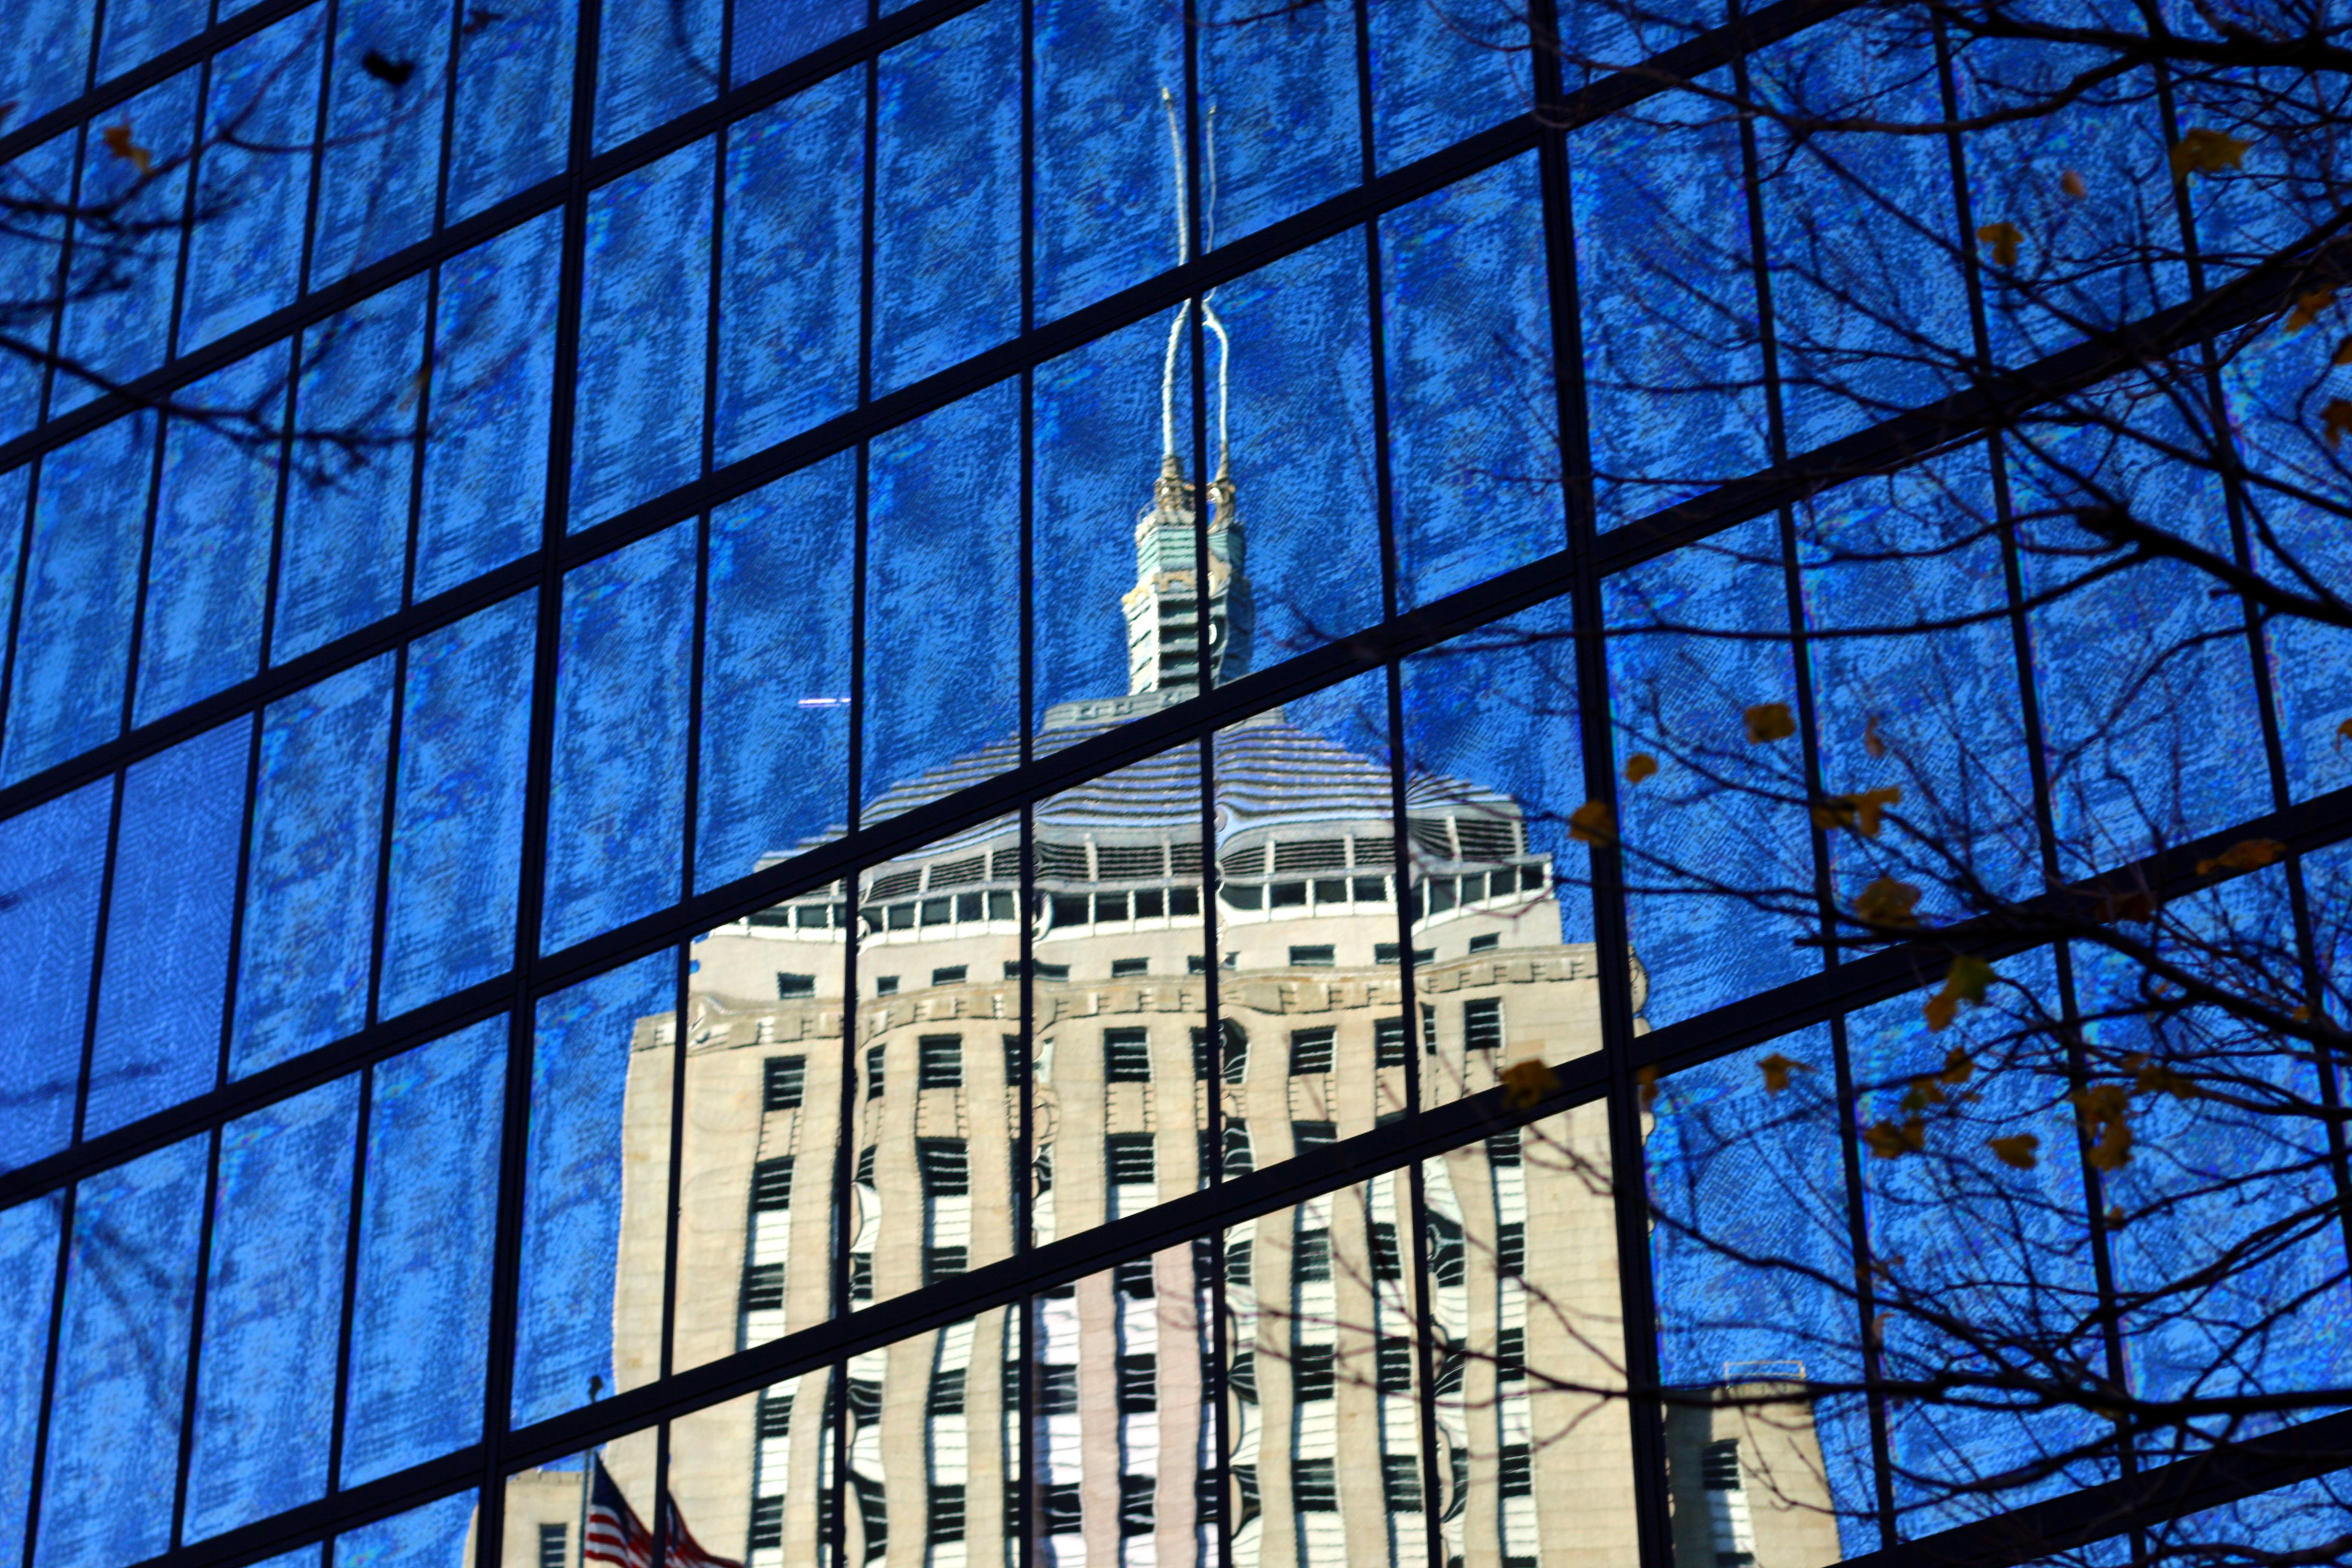 Fed spejling i Hancock Tower (bygningen ligger bag mig). De sjove ting i vinduet, skyldes det filter jeg har på linsen, det ser ret fedt ud!